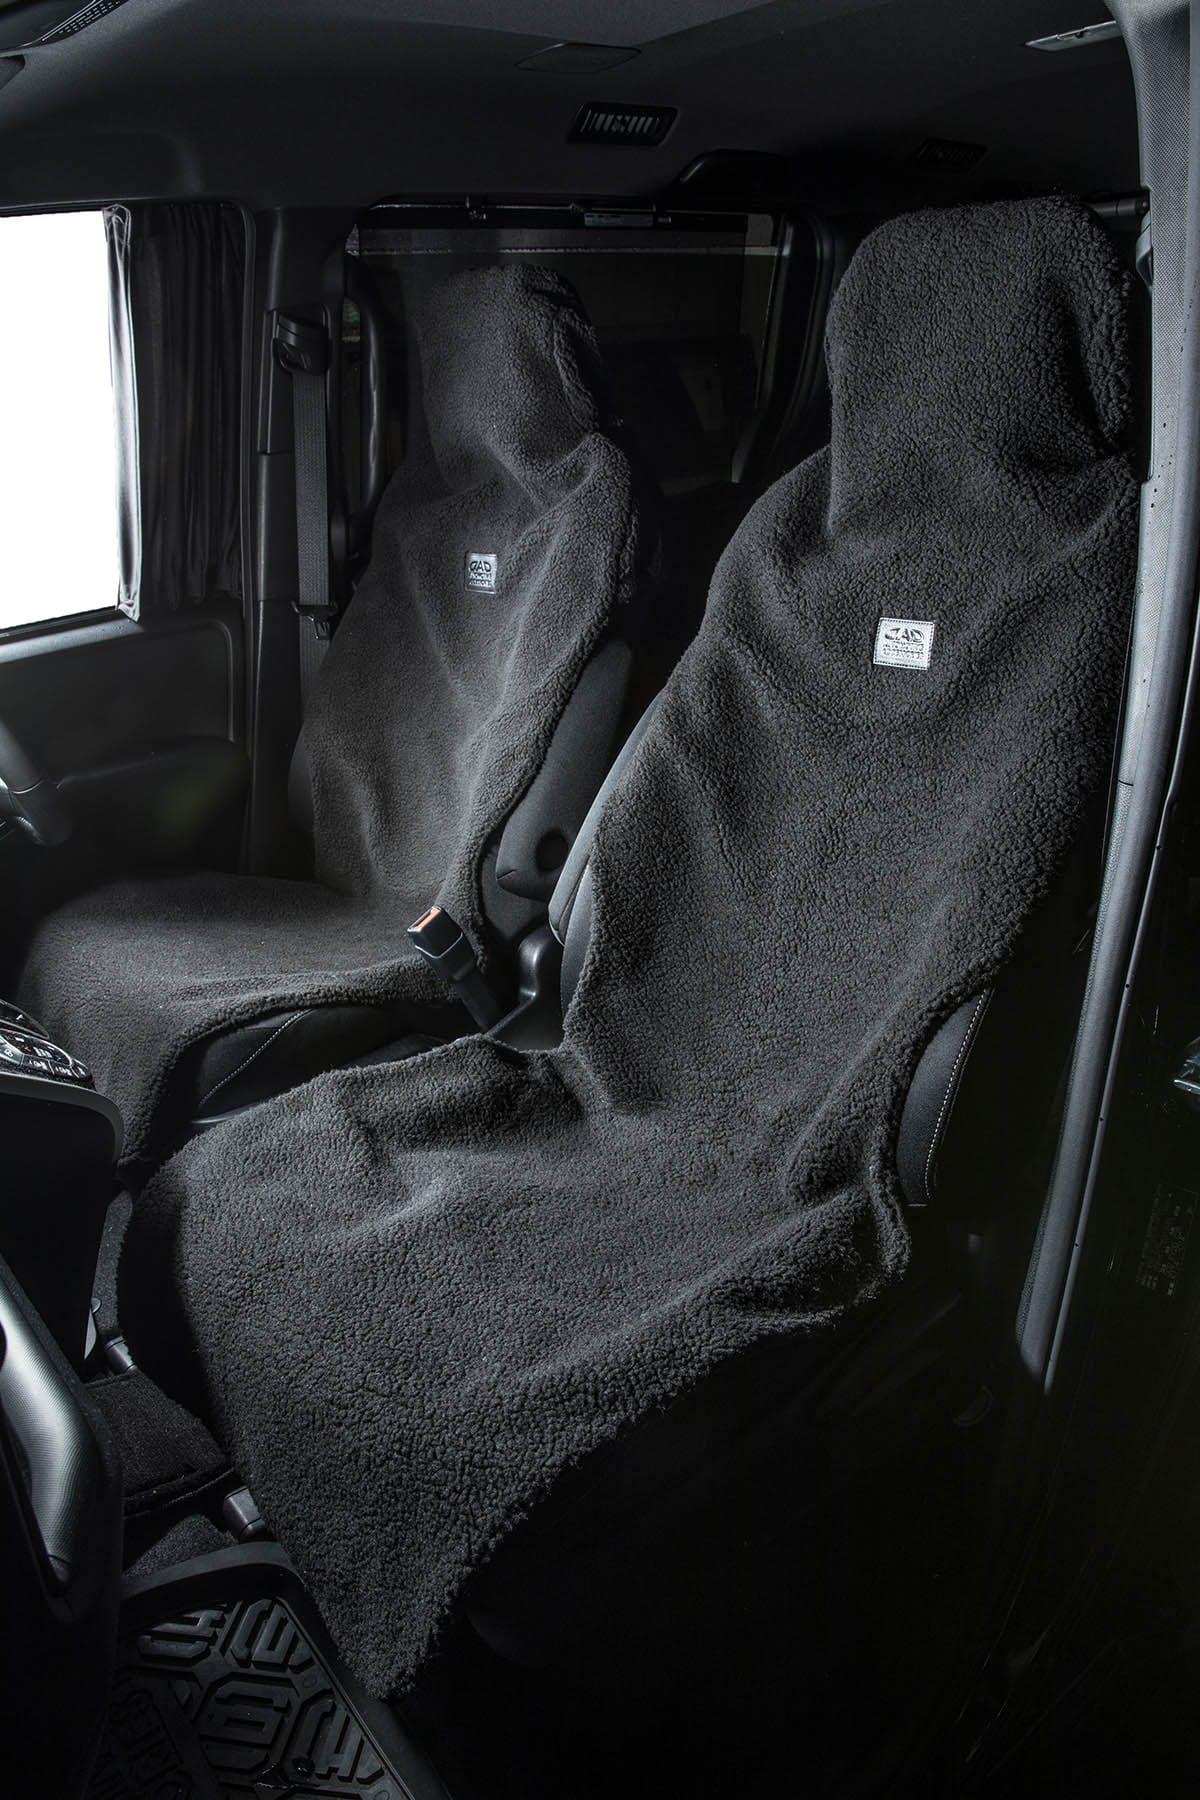 冬のアウトドア遊びにも安心の防水生地! フワフワとした心地良いシートカバーで、お洒落快適な内装コーディネイト